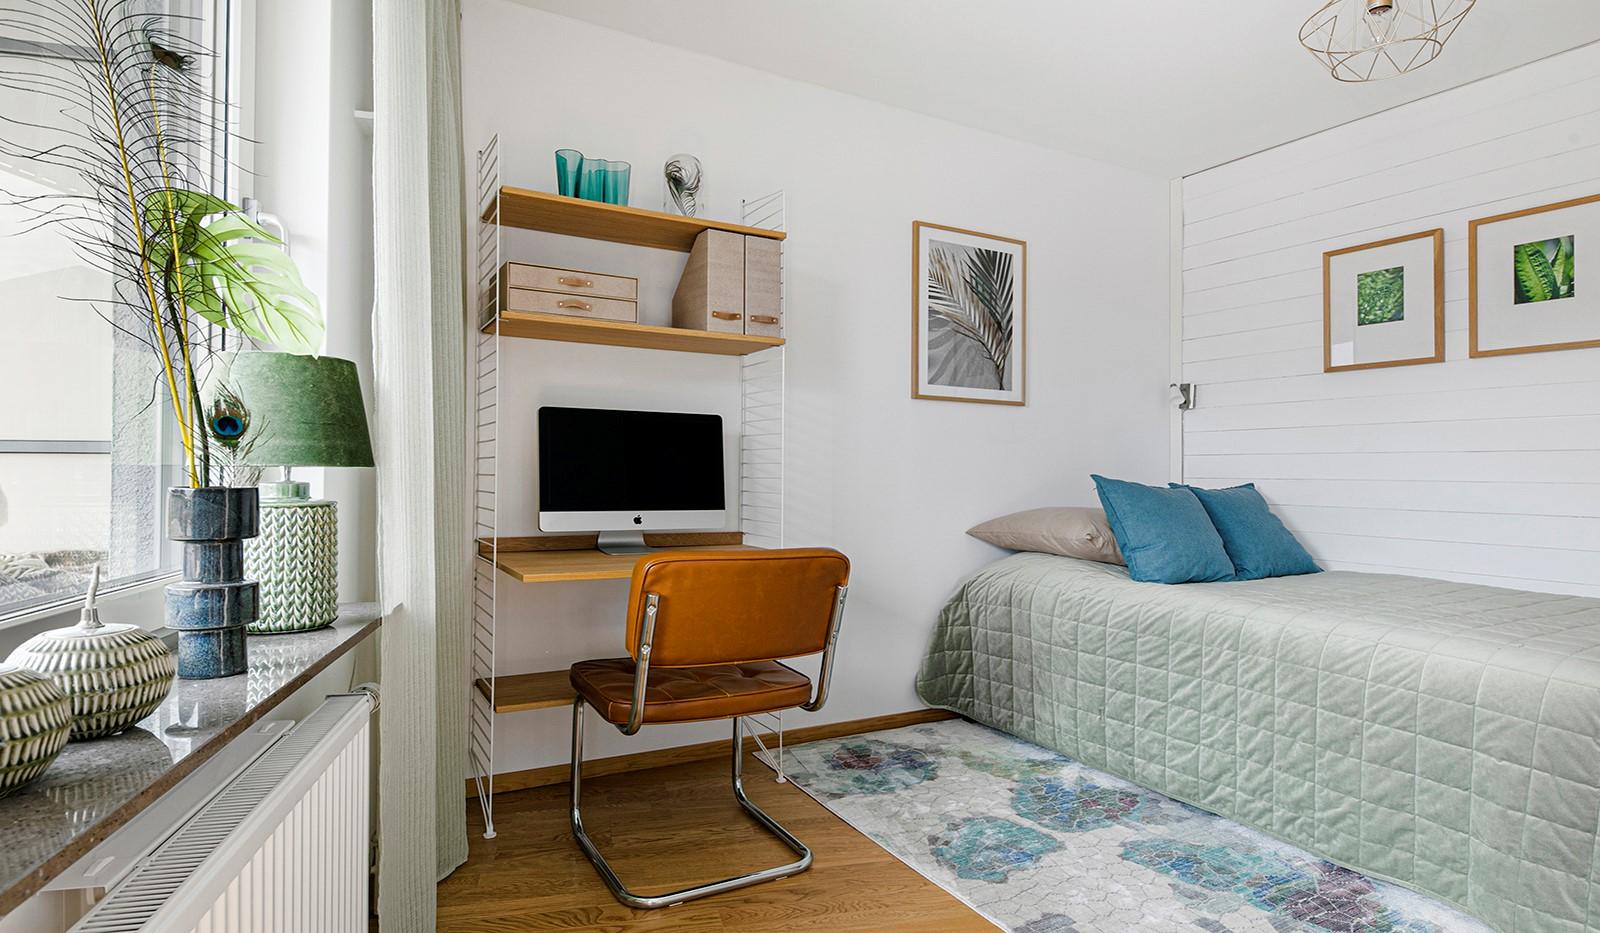 Sjöviksbacken 55, 4 tr - Rofullt sovrum med plats för säng och skrivbord